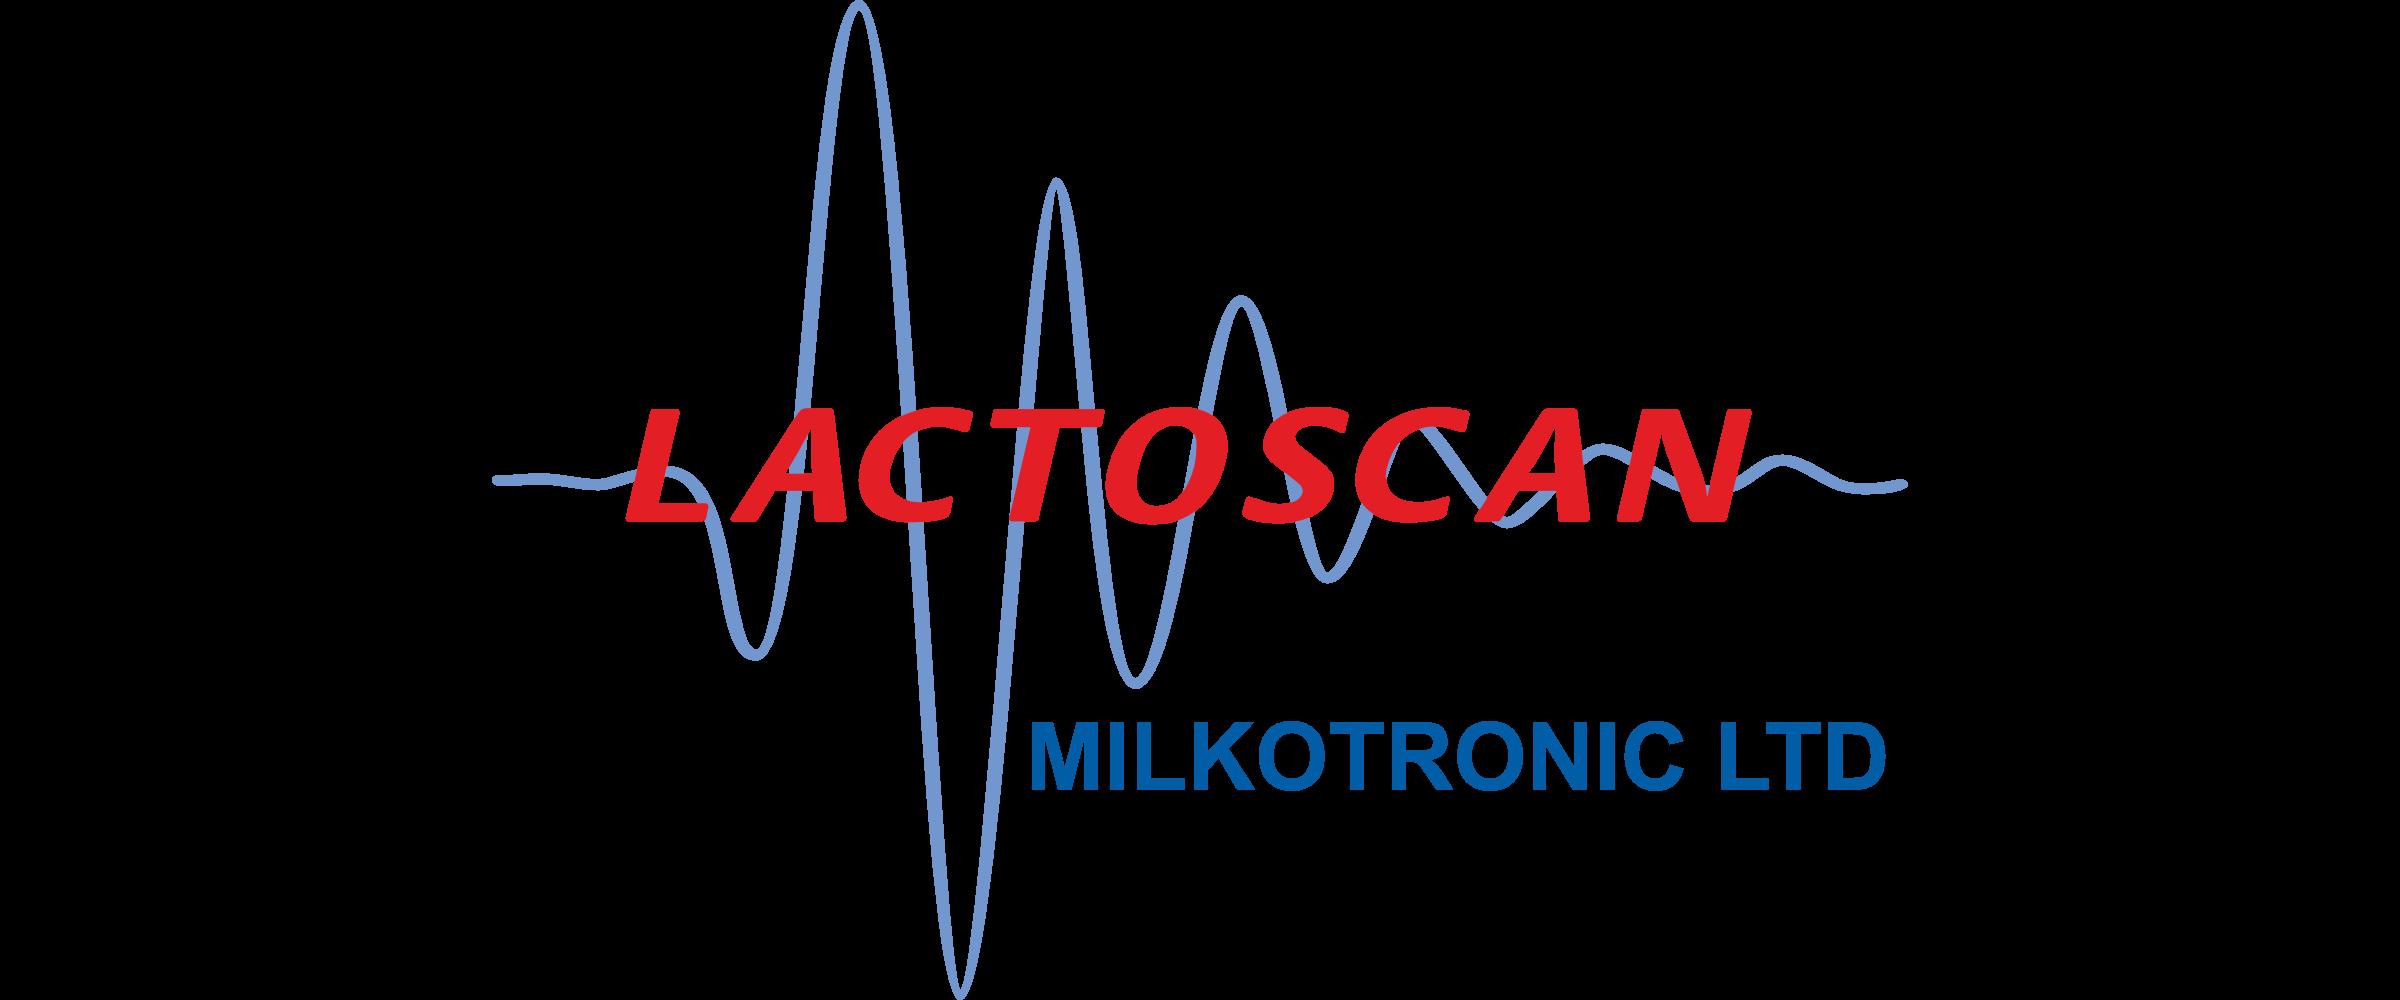 Milkotronic